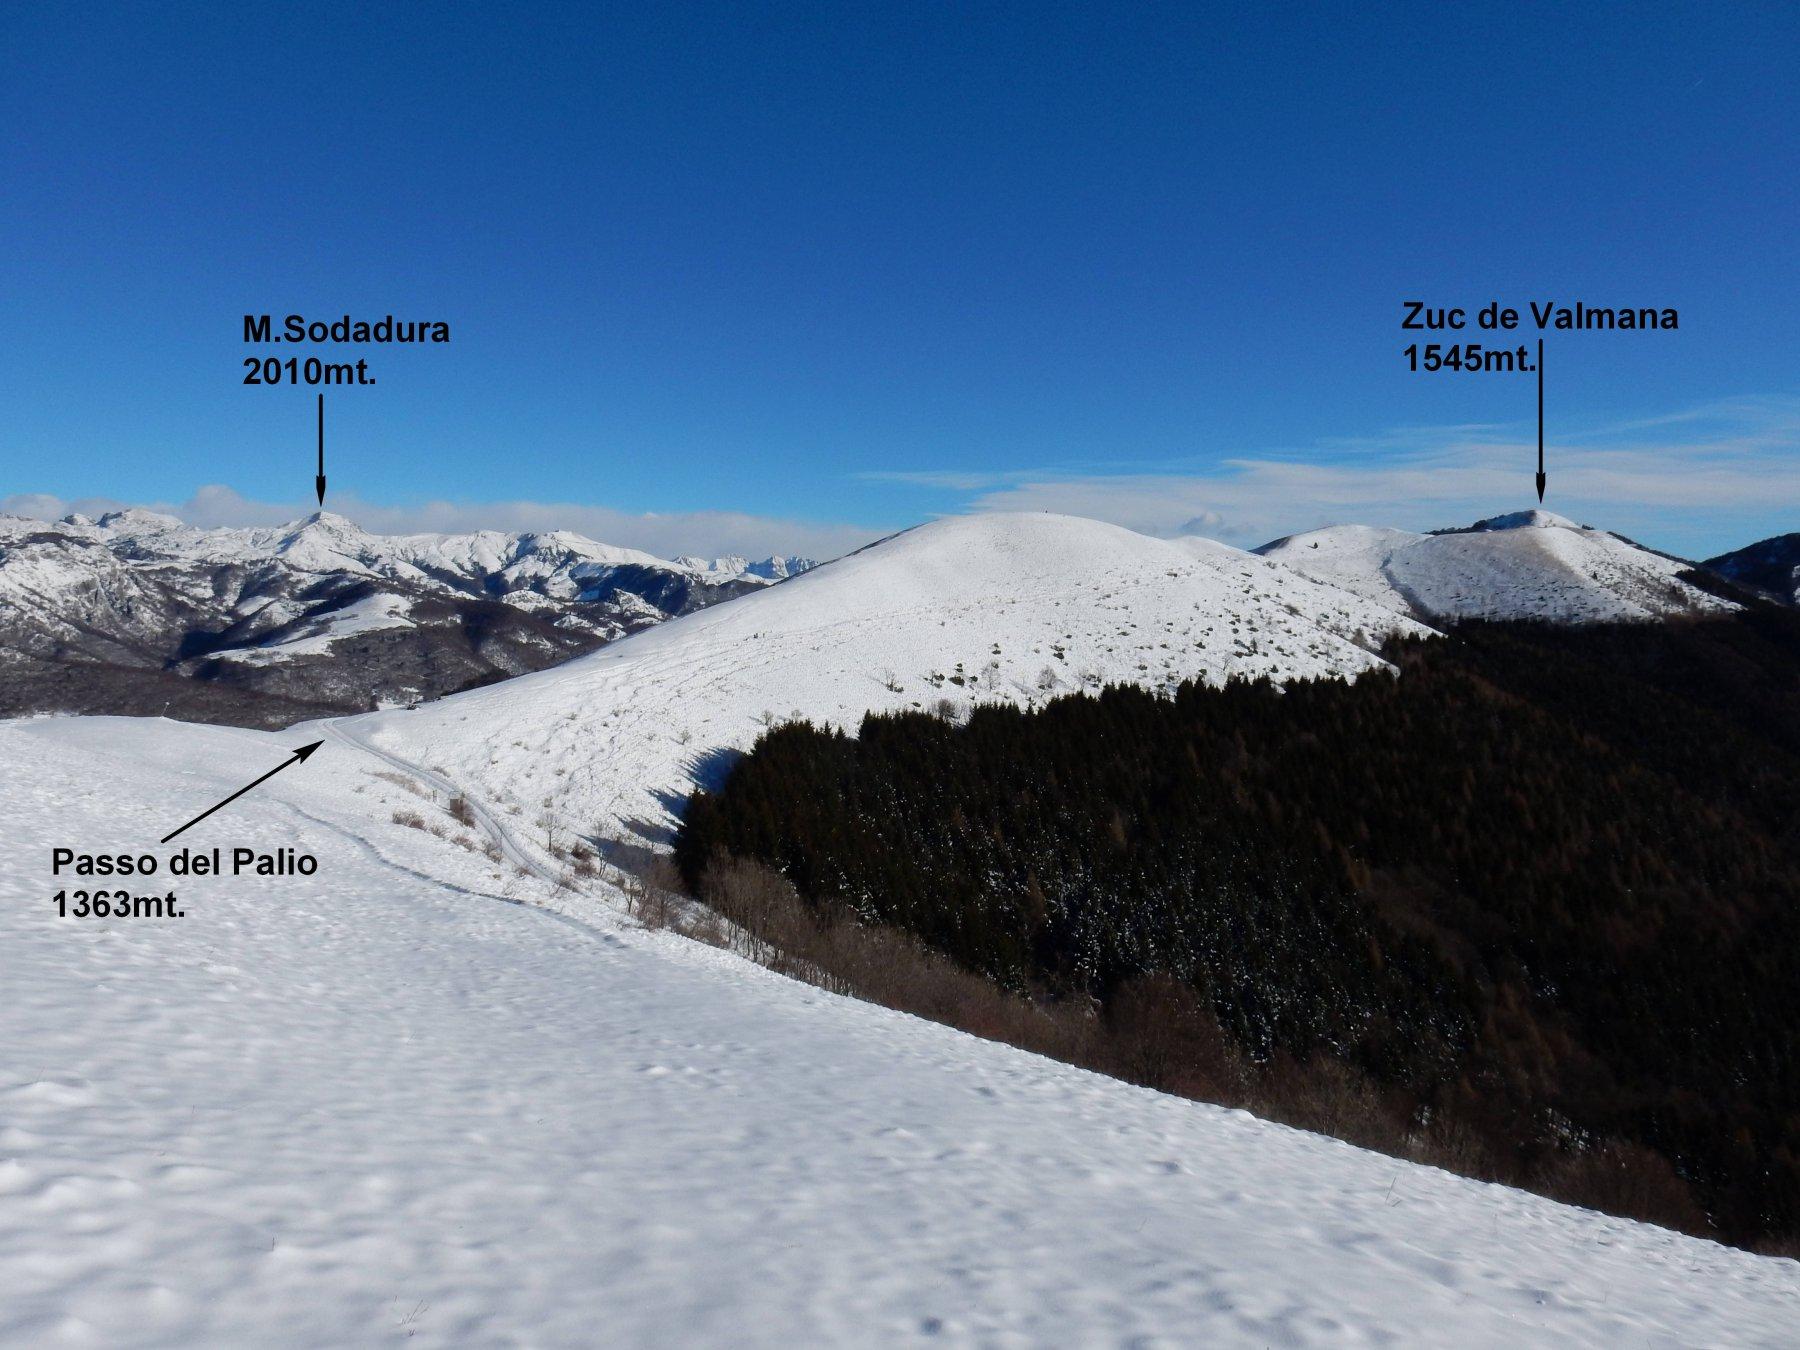 Verso il Passo del Palio, sulla panoramicissima costa un po' spelacchiata.